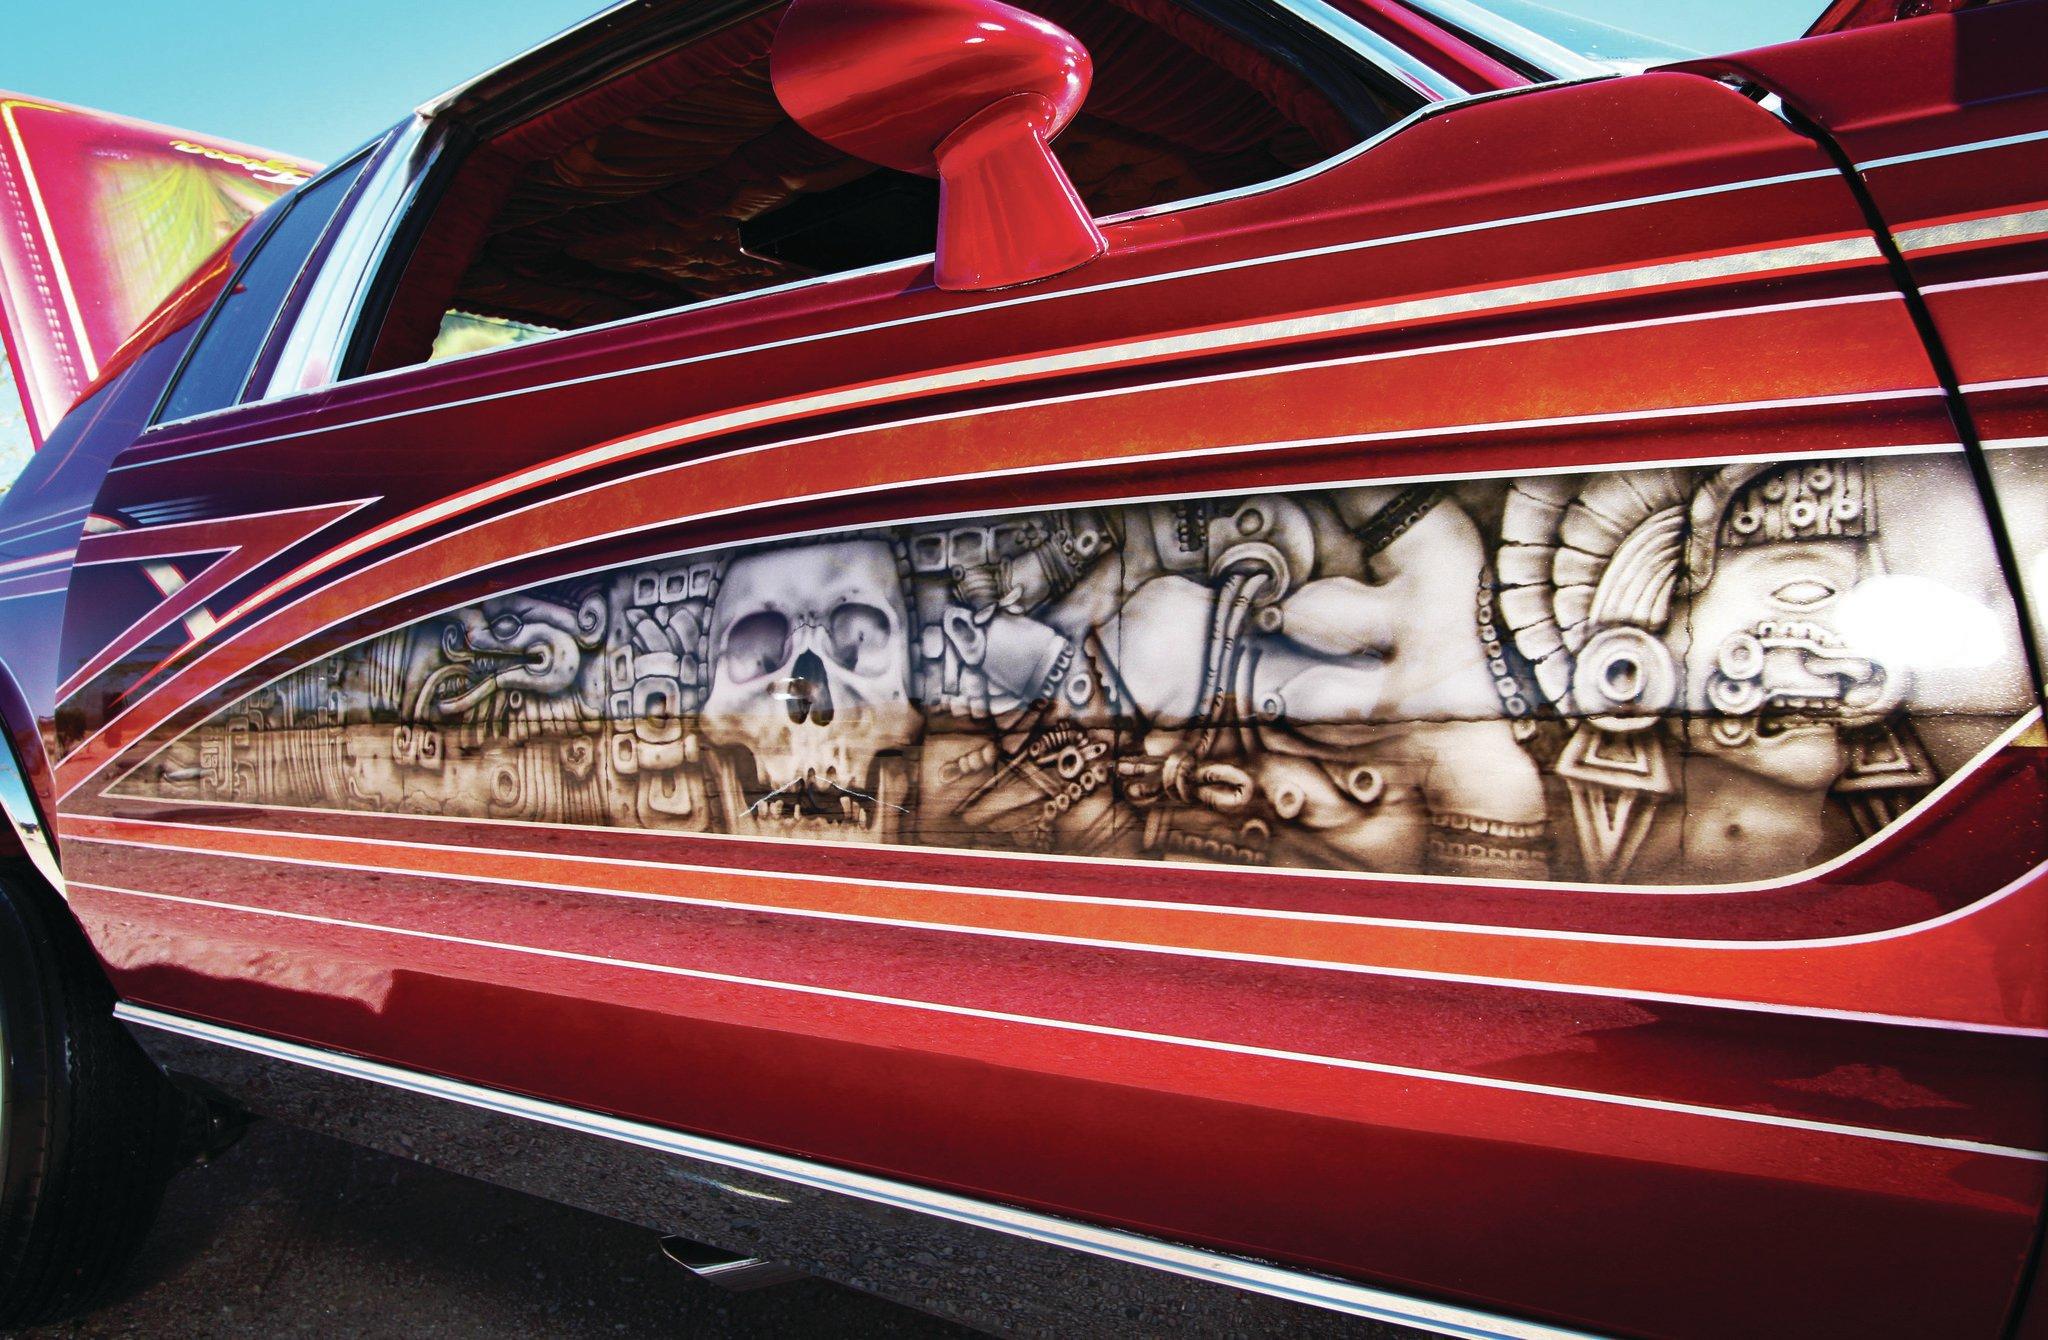 1985 Buick Regal El Rey Azteca El Rey Azteca